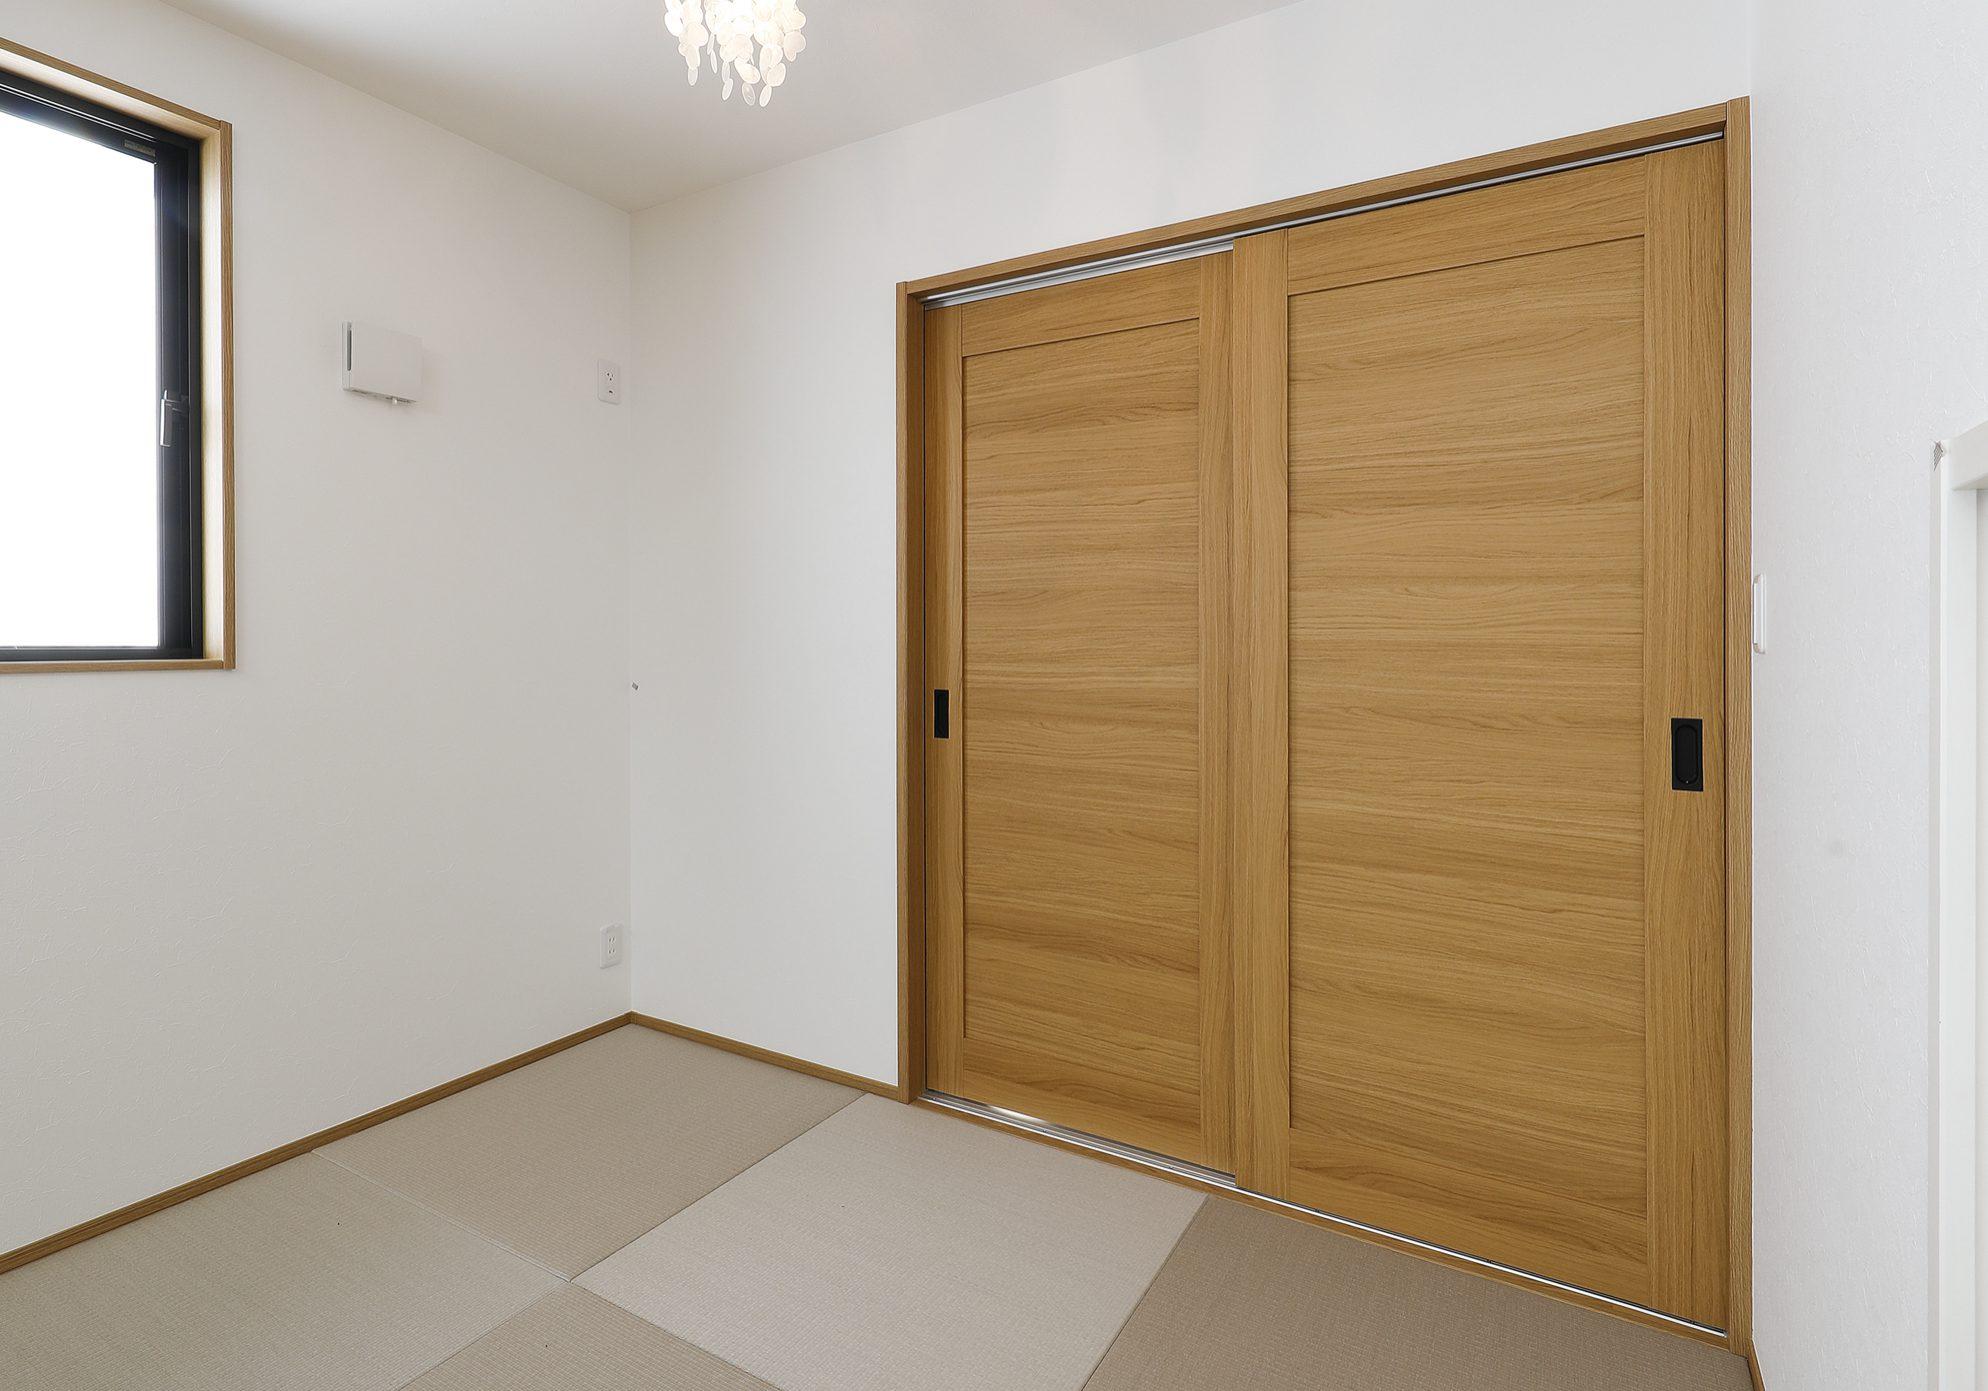 ジブンハウス810アリビオファムエディション:和室